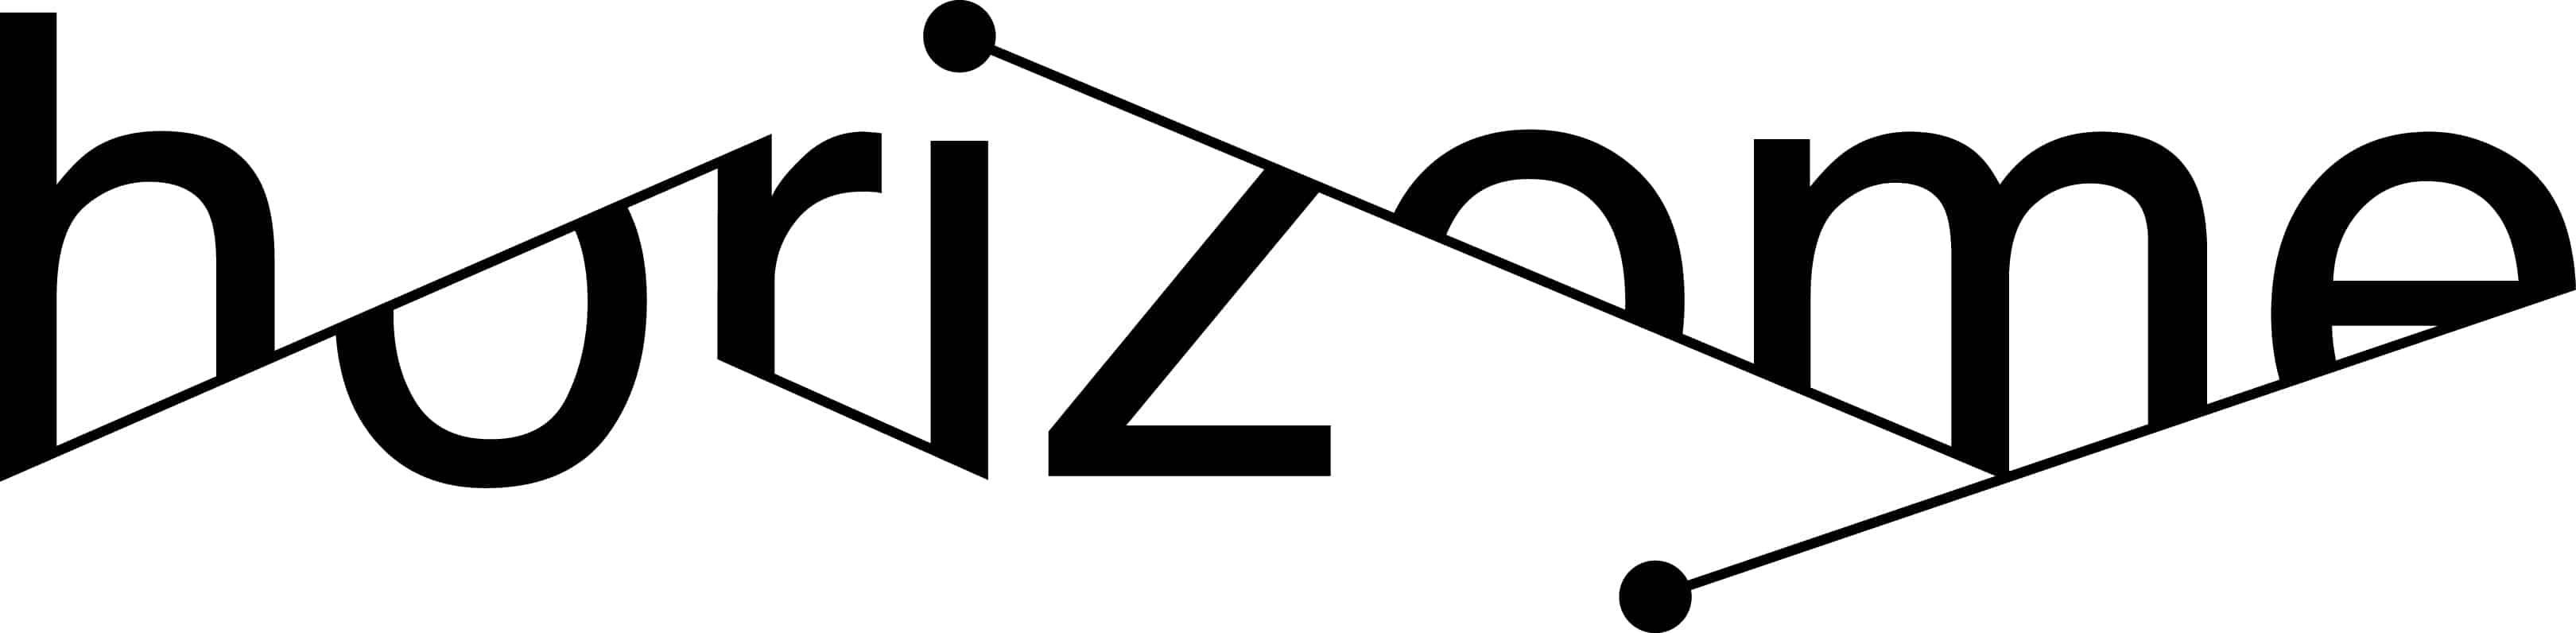 Collectif Horizome